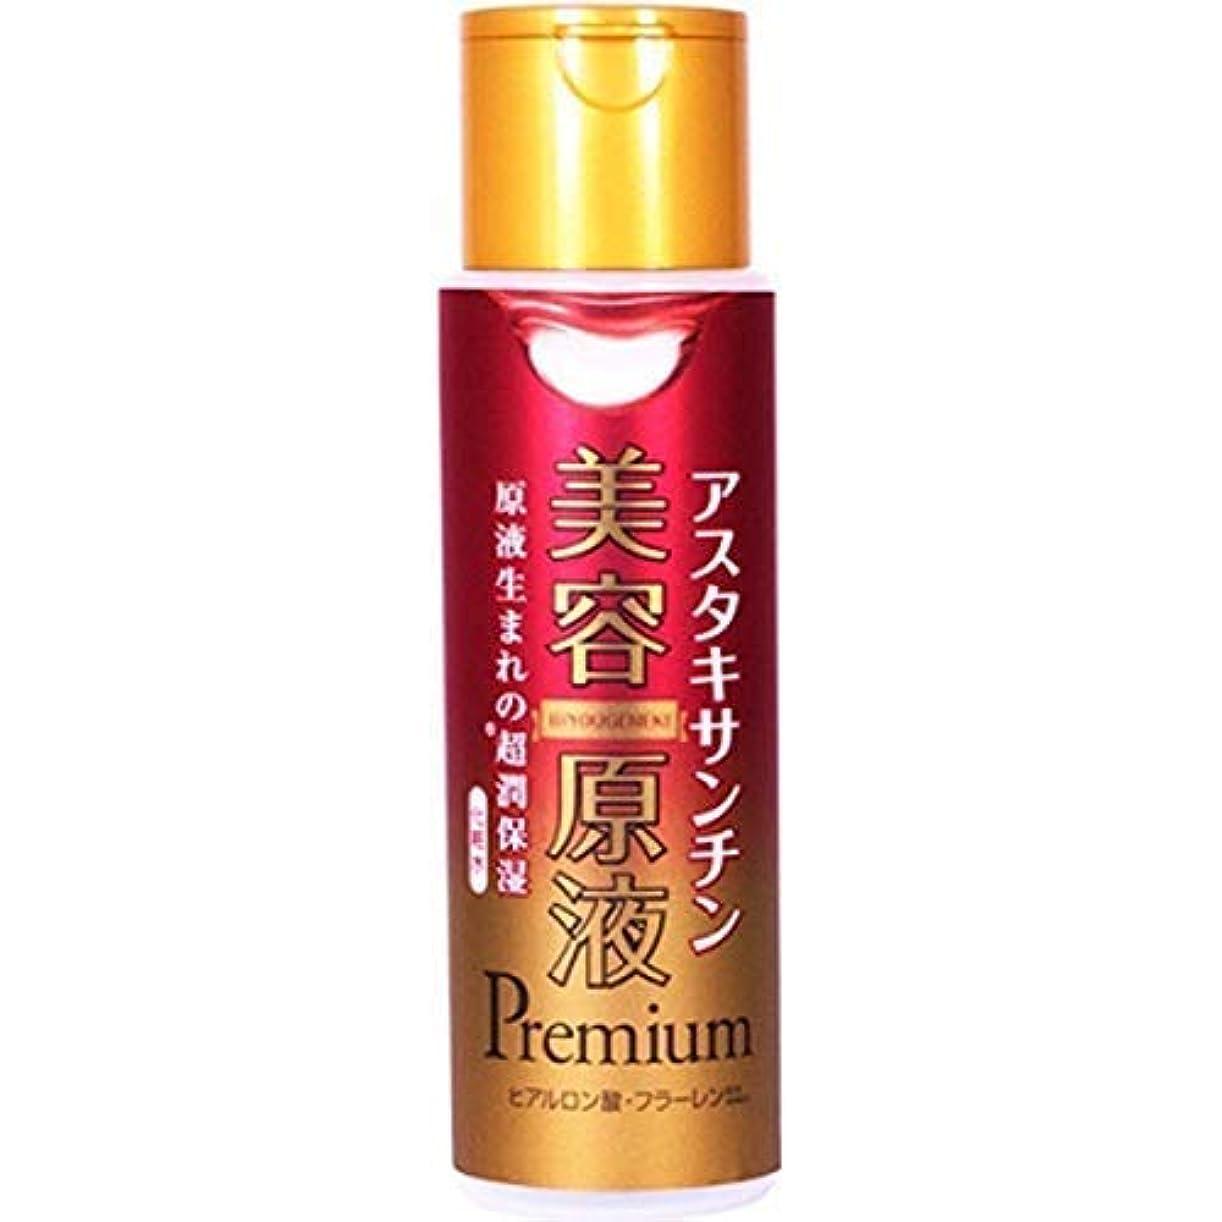 侵略痛み極めて重要な美容原液 超潤化粧水 ヒアルロン酸&アスタキサンチン 185mL (化粧水 エイジングケア 高保湿)